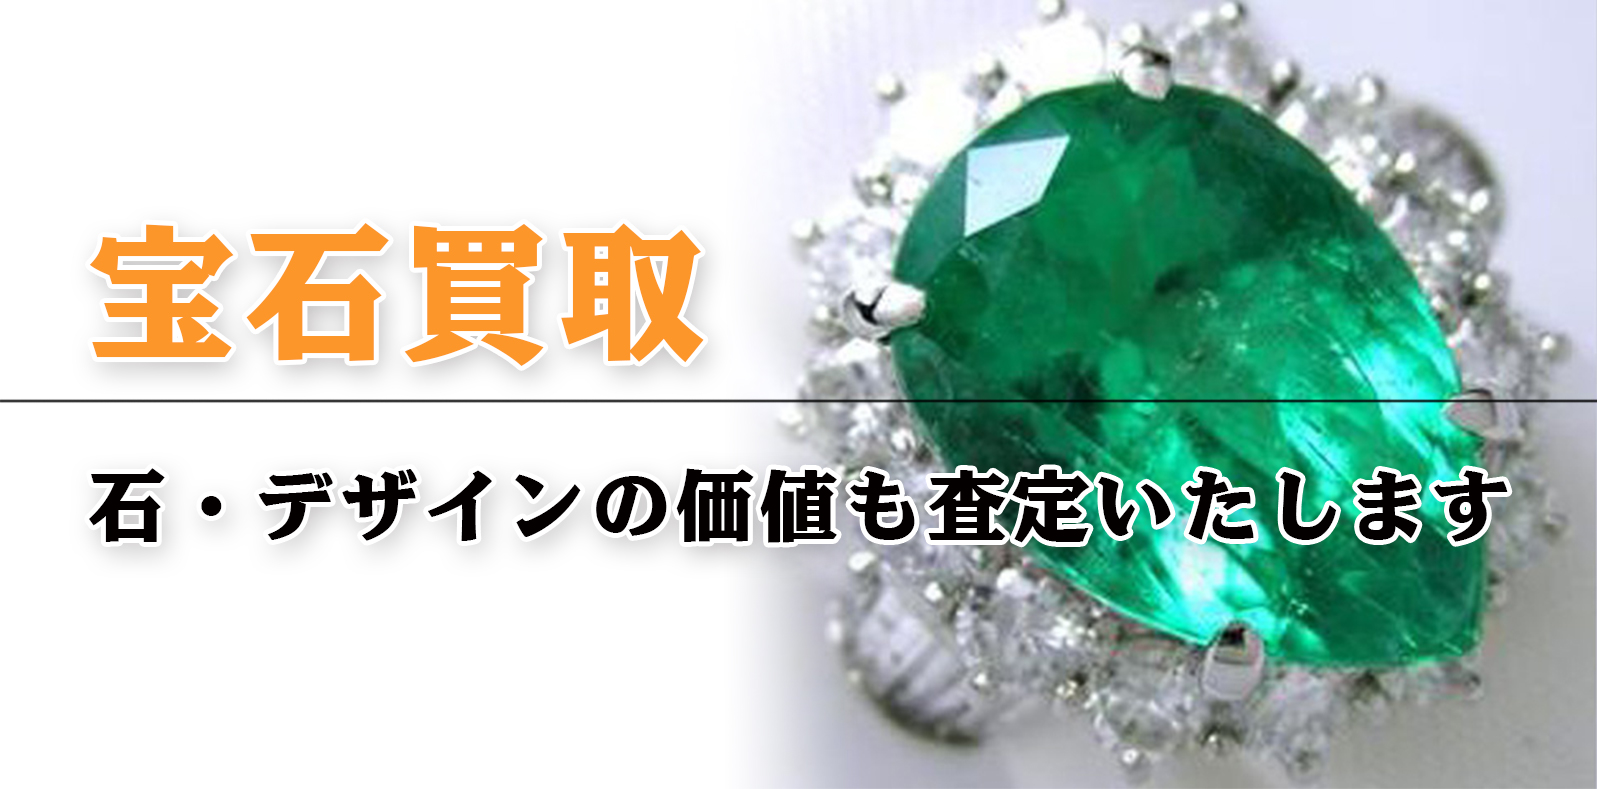 みよし質宝石買取